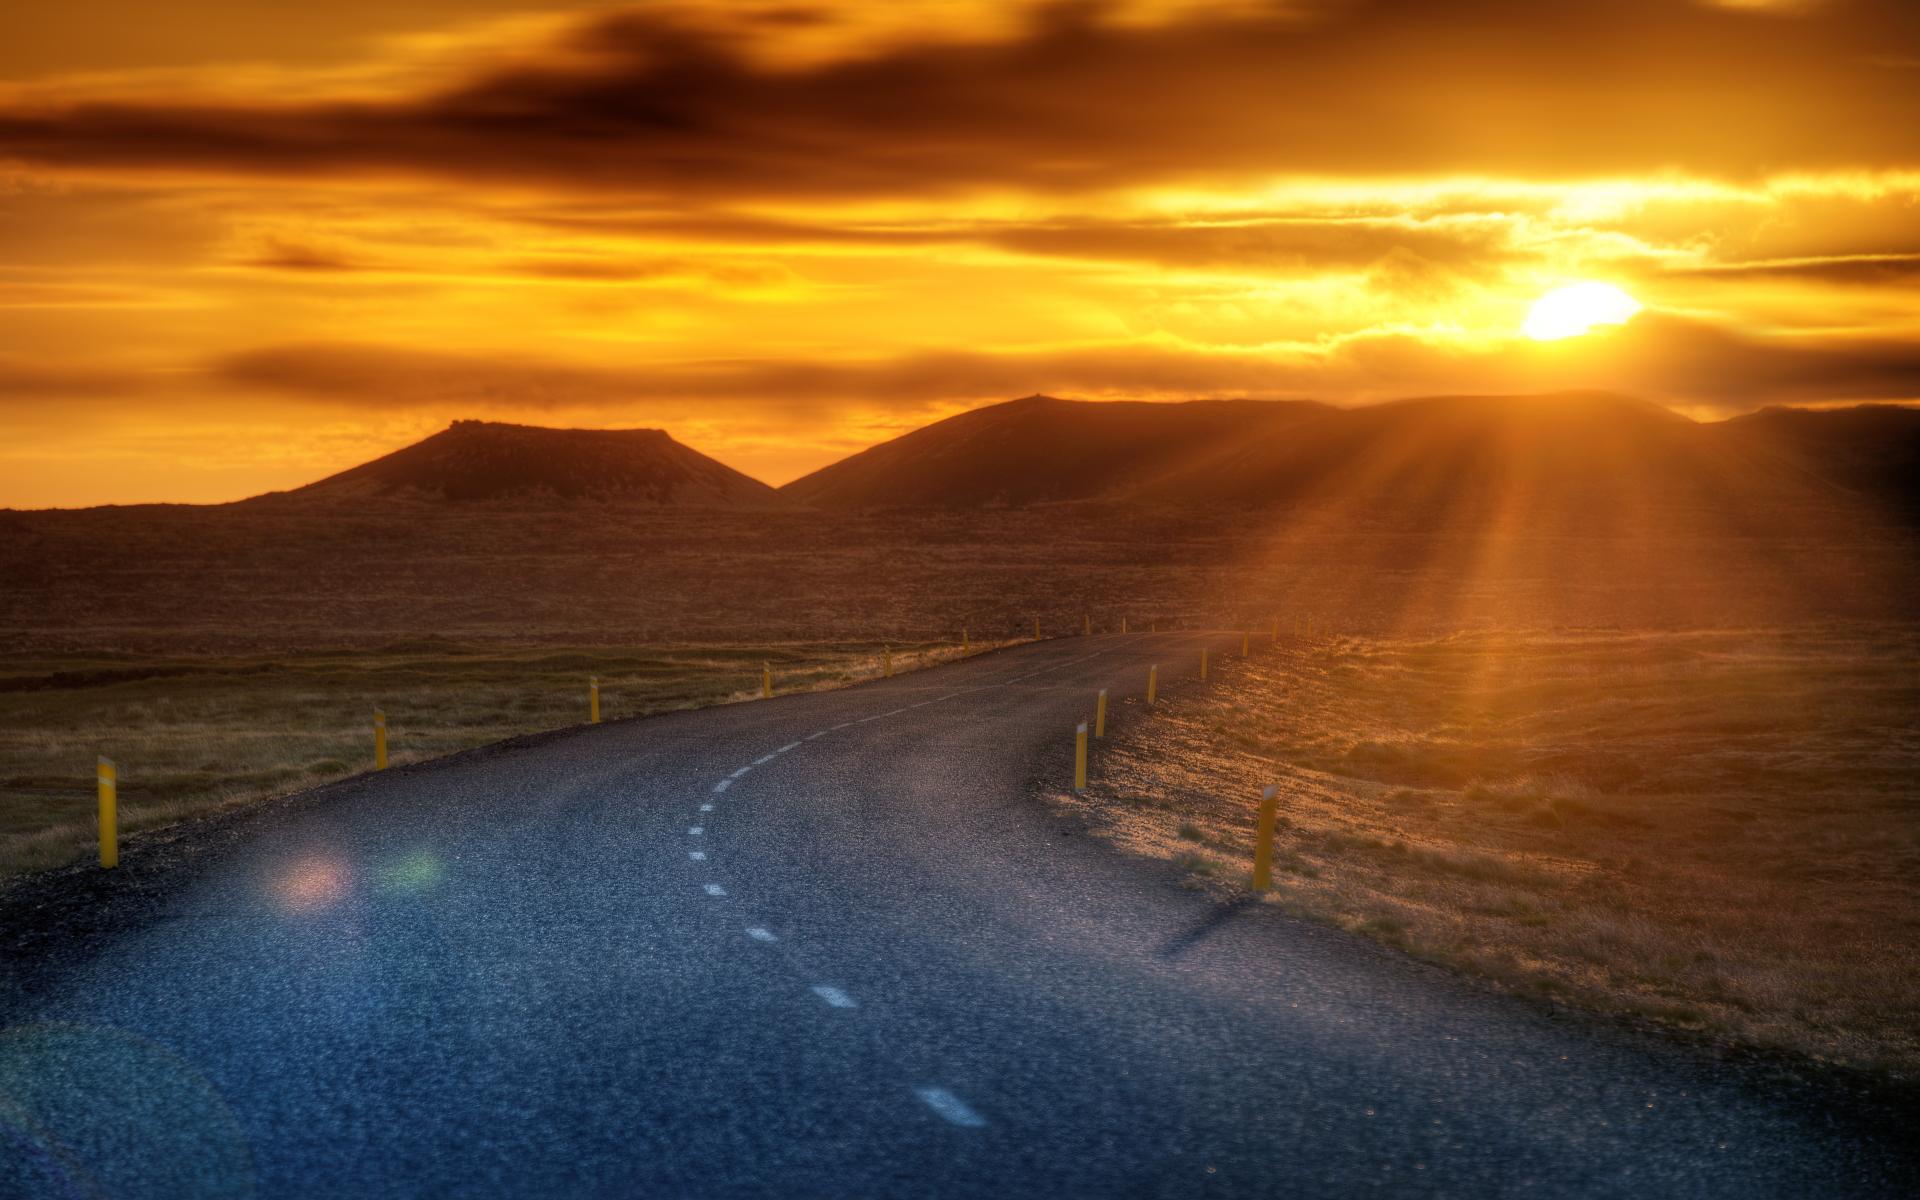 Sunset road landscape